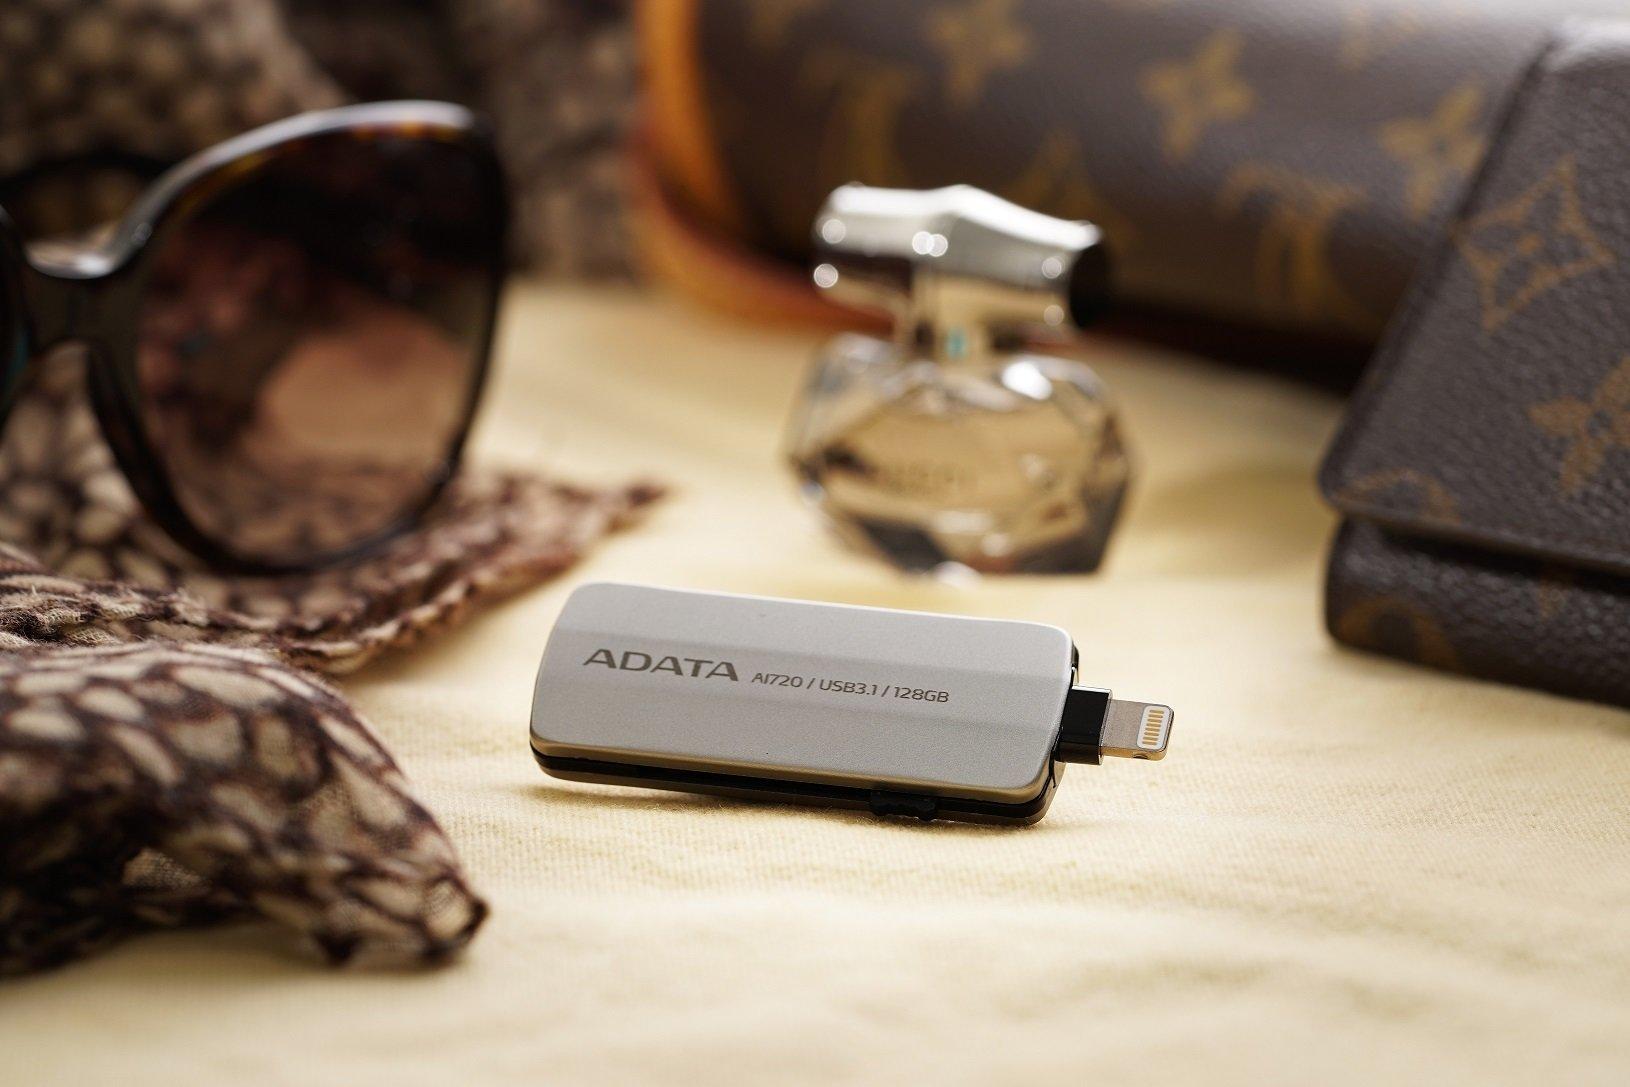 ADATA i-Memory AI720 – stylowy pendrive ze zintegrowanym złączem Lightning i USB 3.1